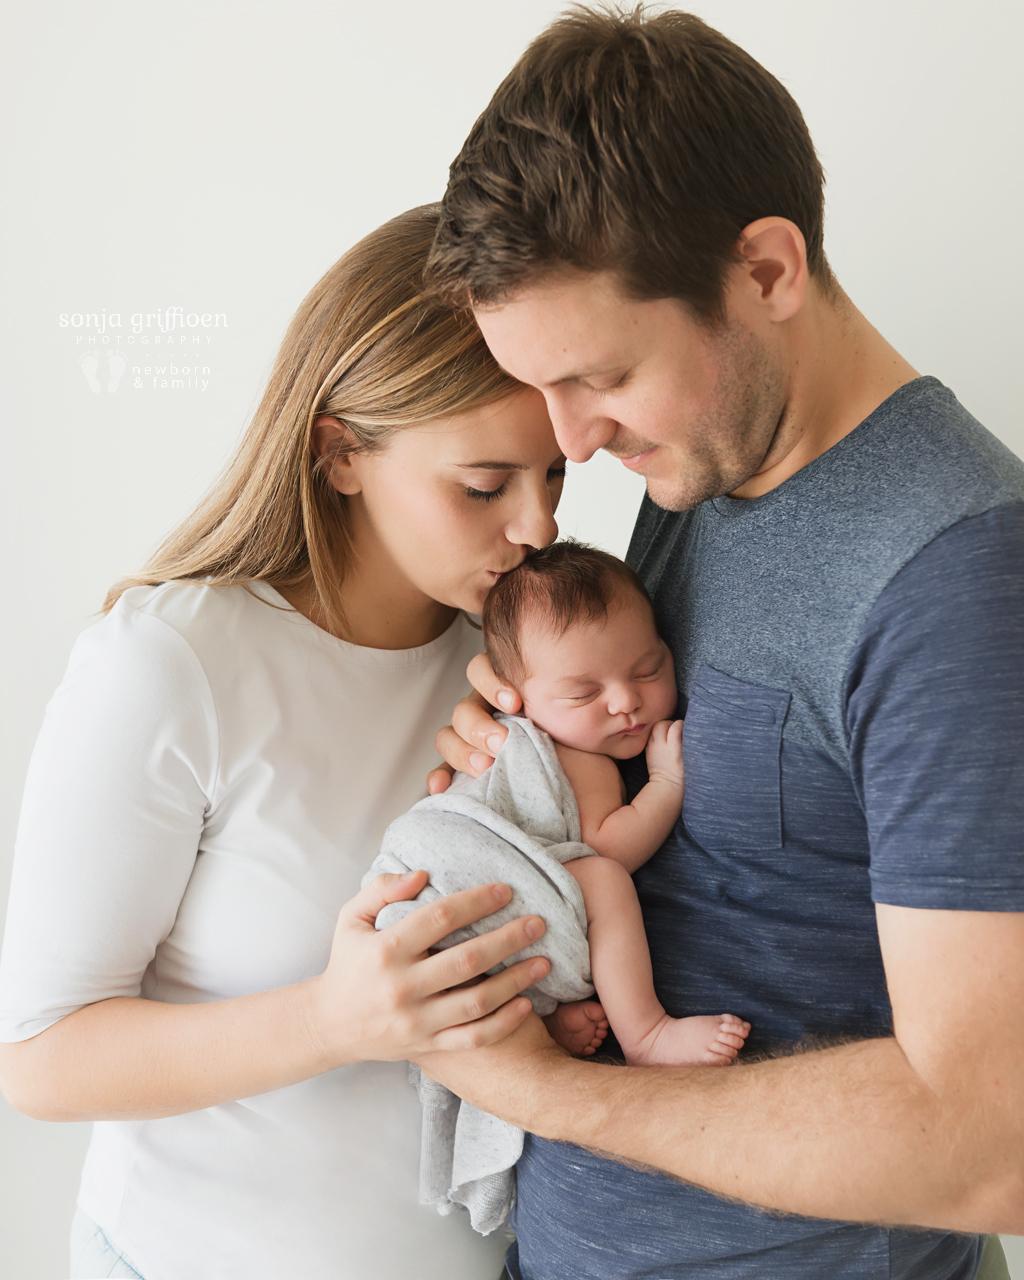 Gwen-Newborn-Brisbane-Newborn-Photographer-Sonja-Griffioen-03.jpg